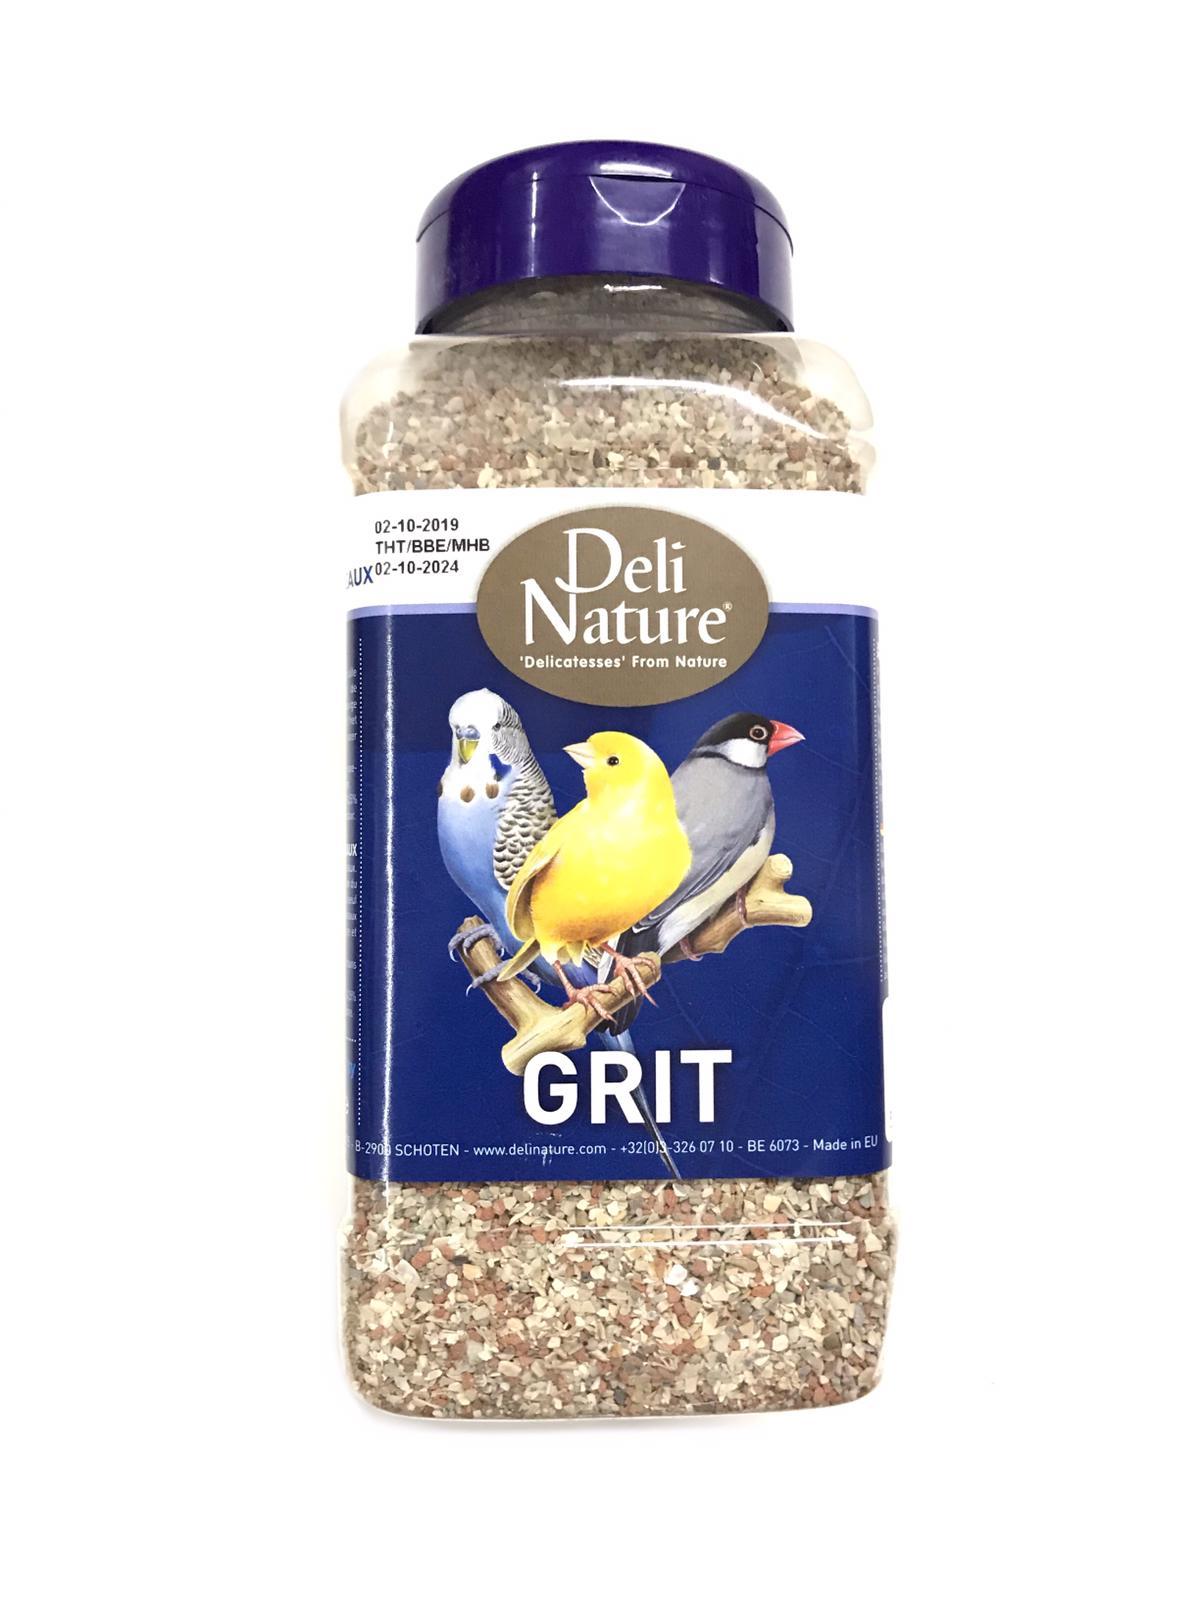 Deli Nature Grit